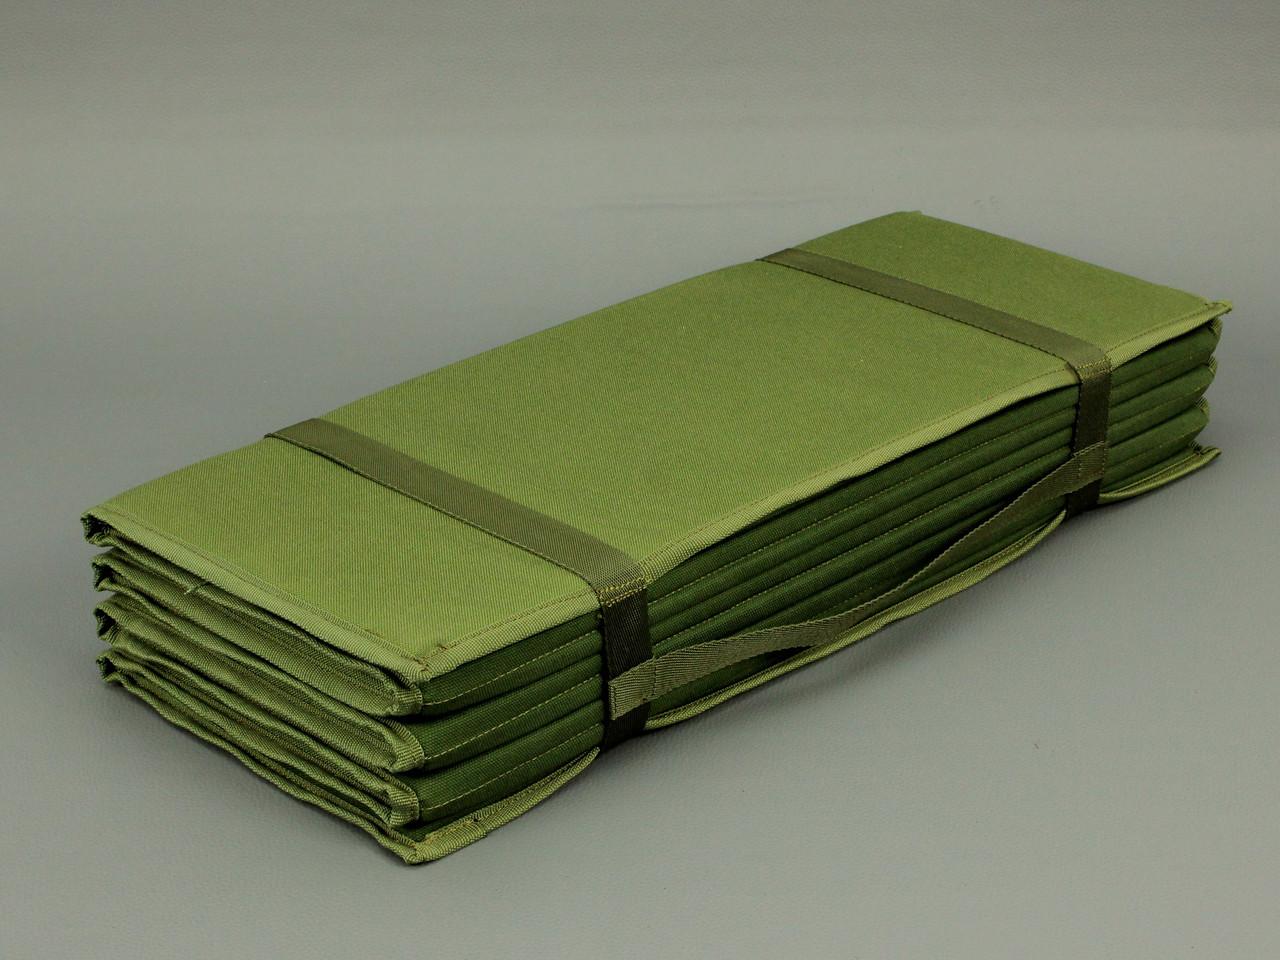 Каремат износостойкий складной 190х60см, Olive Drab Cordura 1000D, нейлон 100%